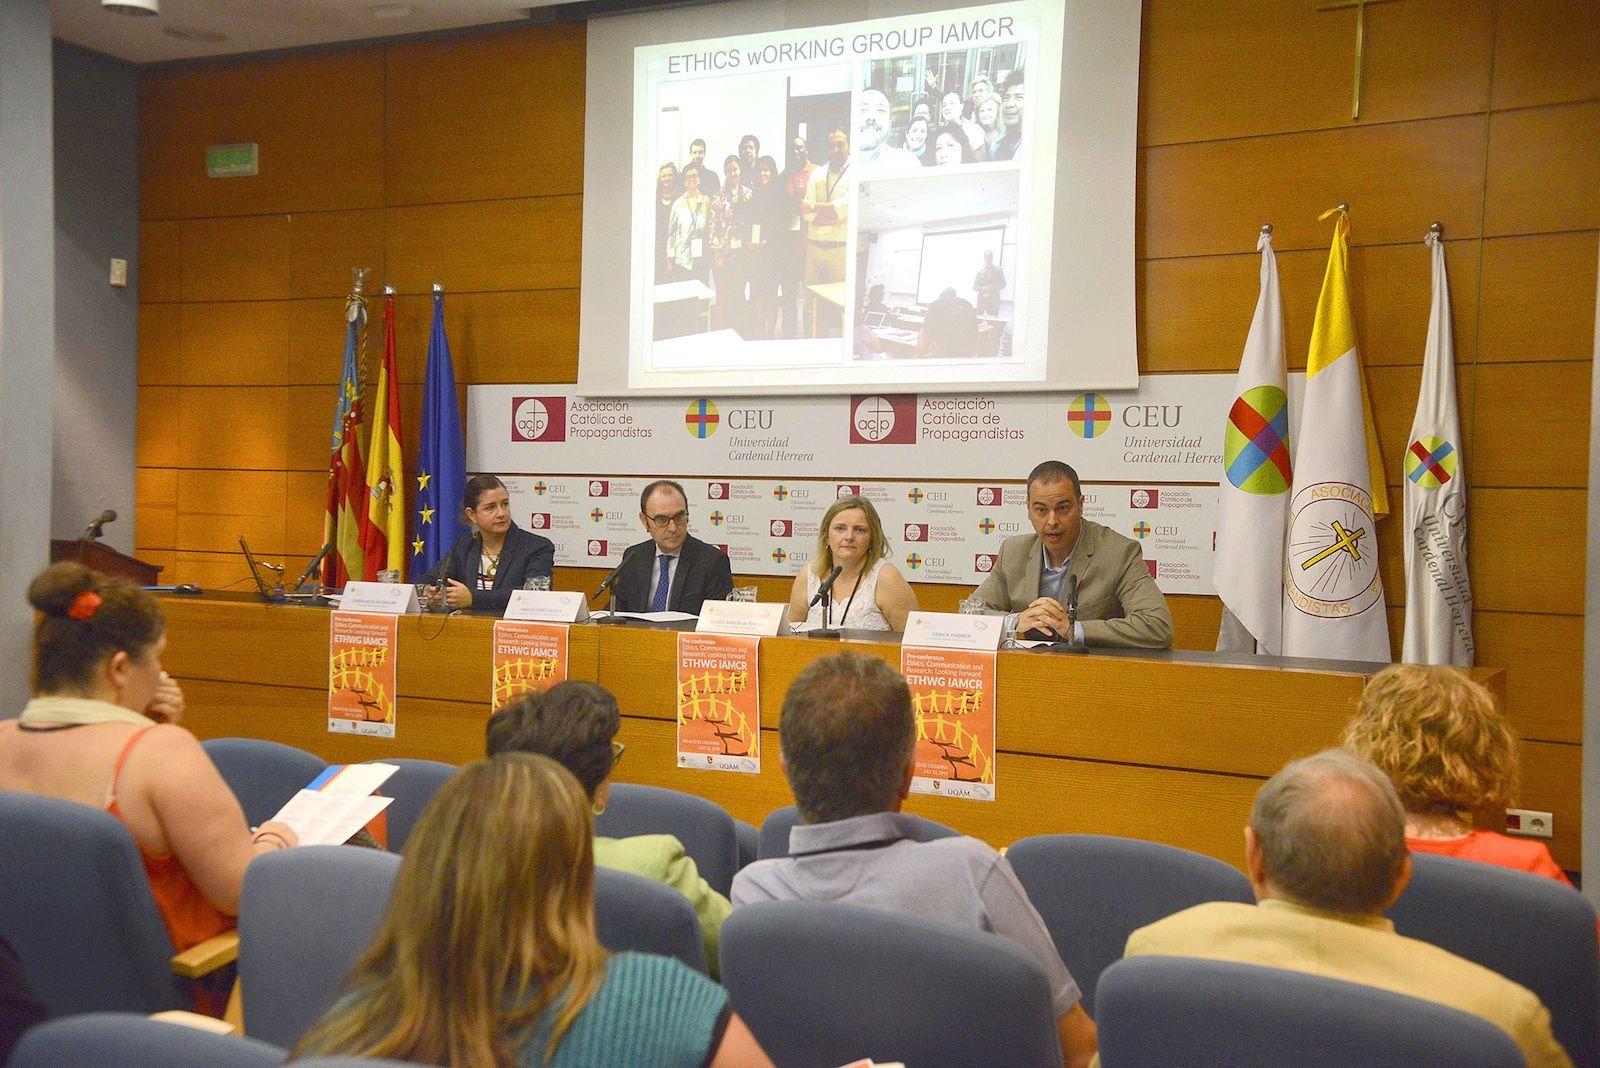 Inauguración de la Pre-conference del Grupo de Ética y Comunicación de la IAMCR.